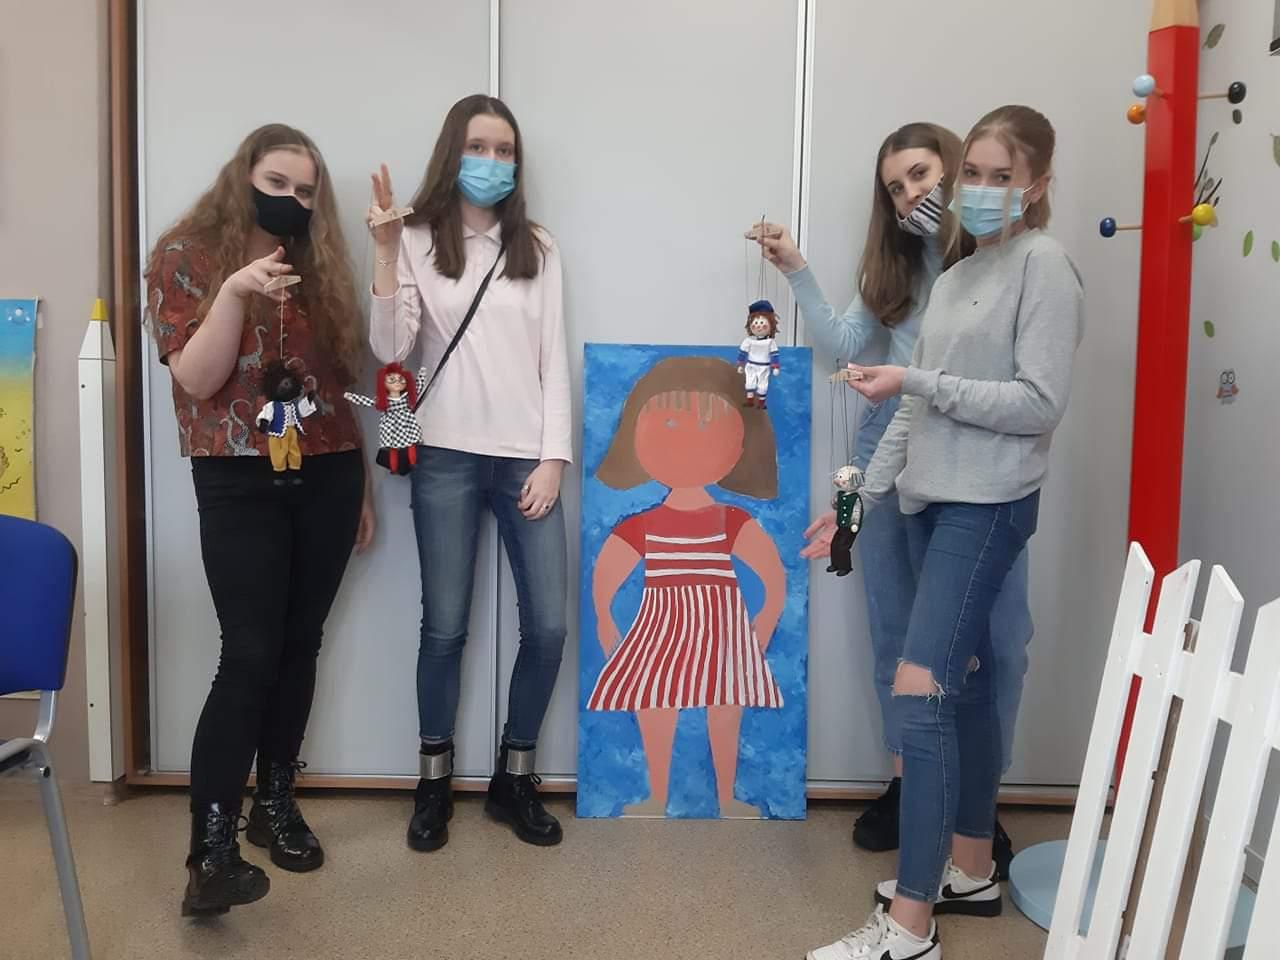 Maria Raczkowska, Pola Widzińska, Maja Szmyt, Lena Wielawska z kl. 8b.jpeg